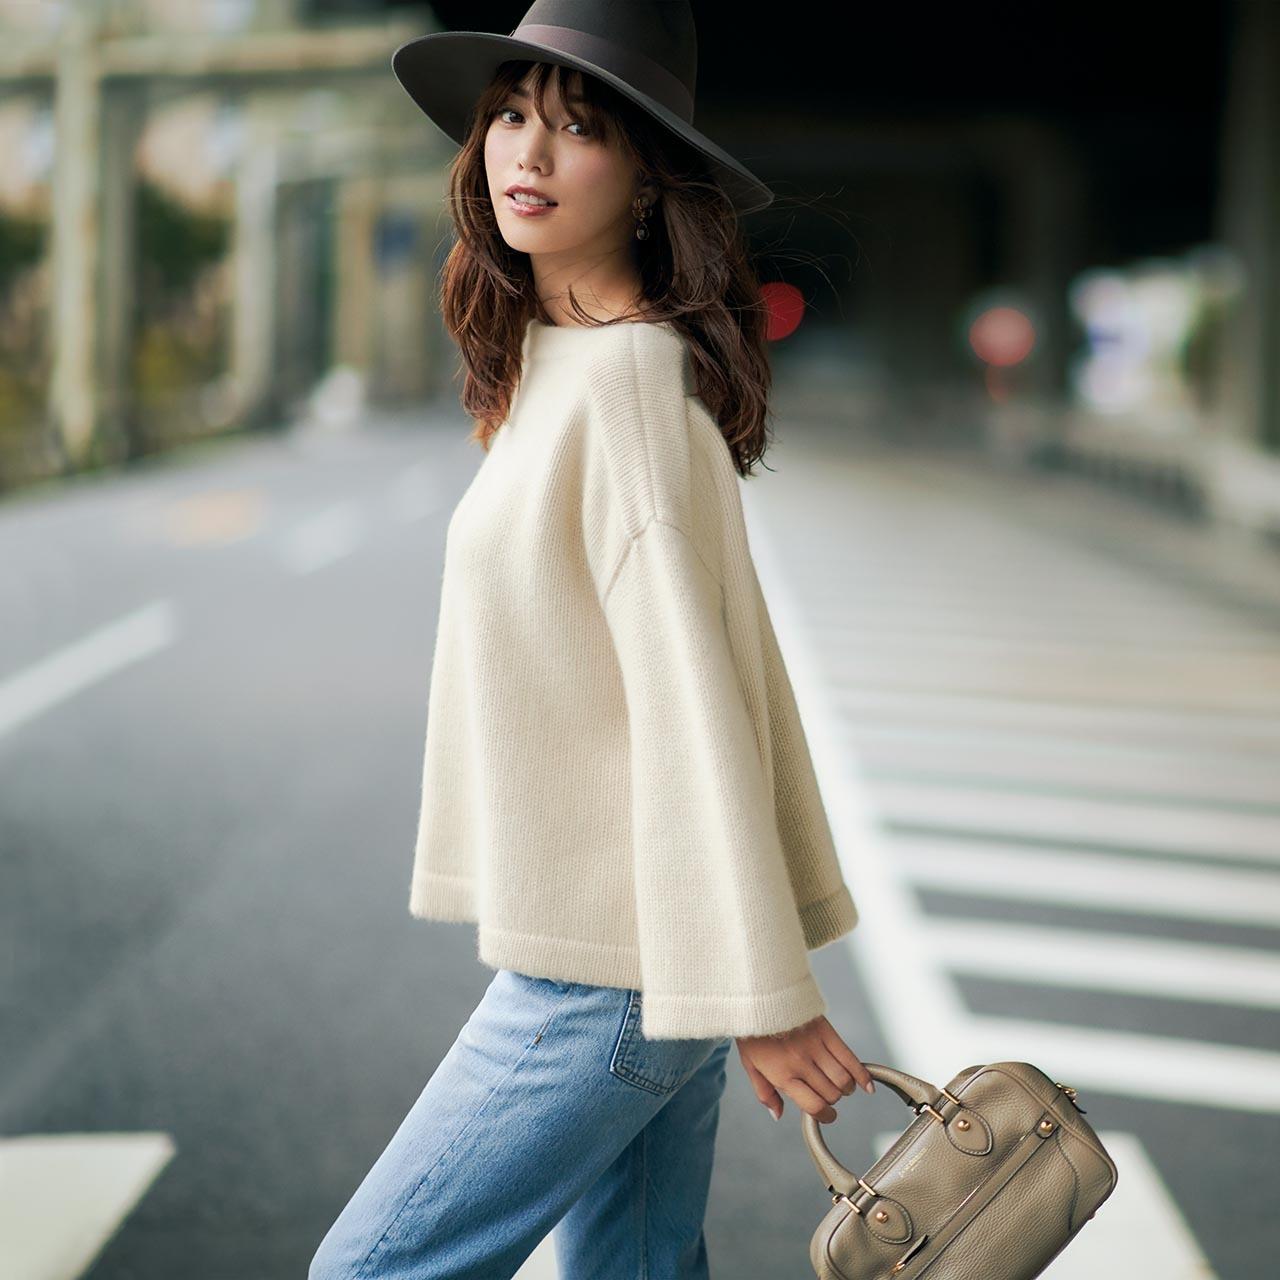 白ニット×色落ちデニムのファッションコーデ